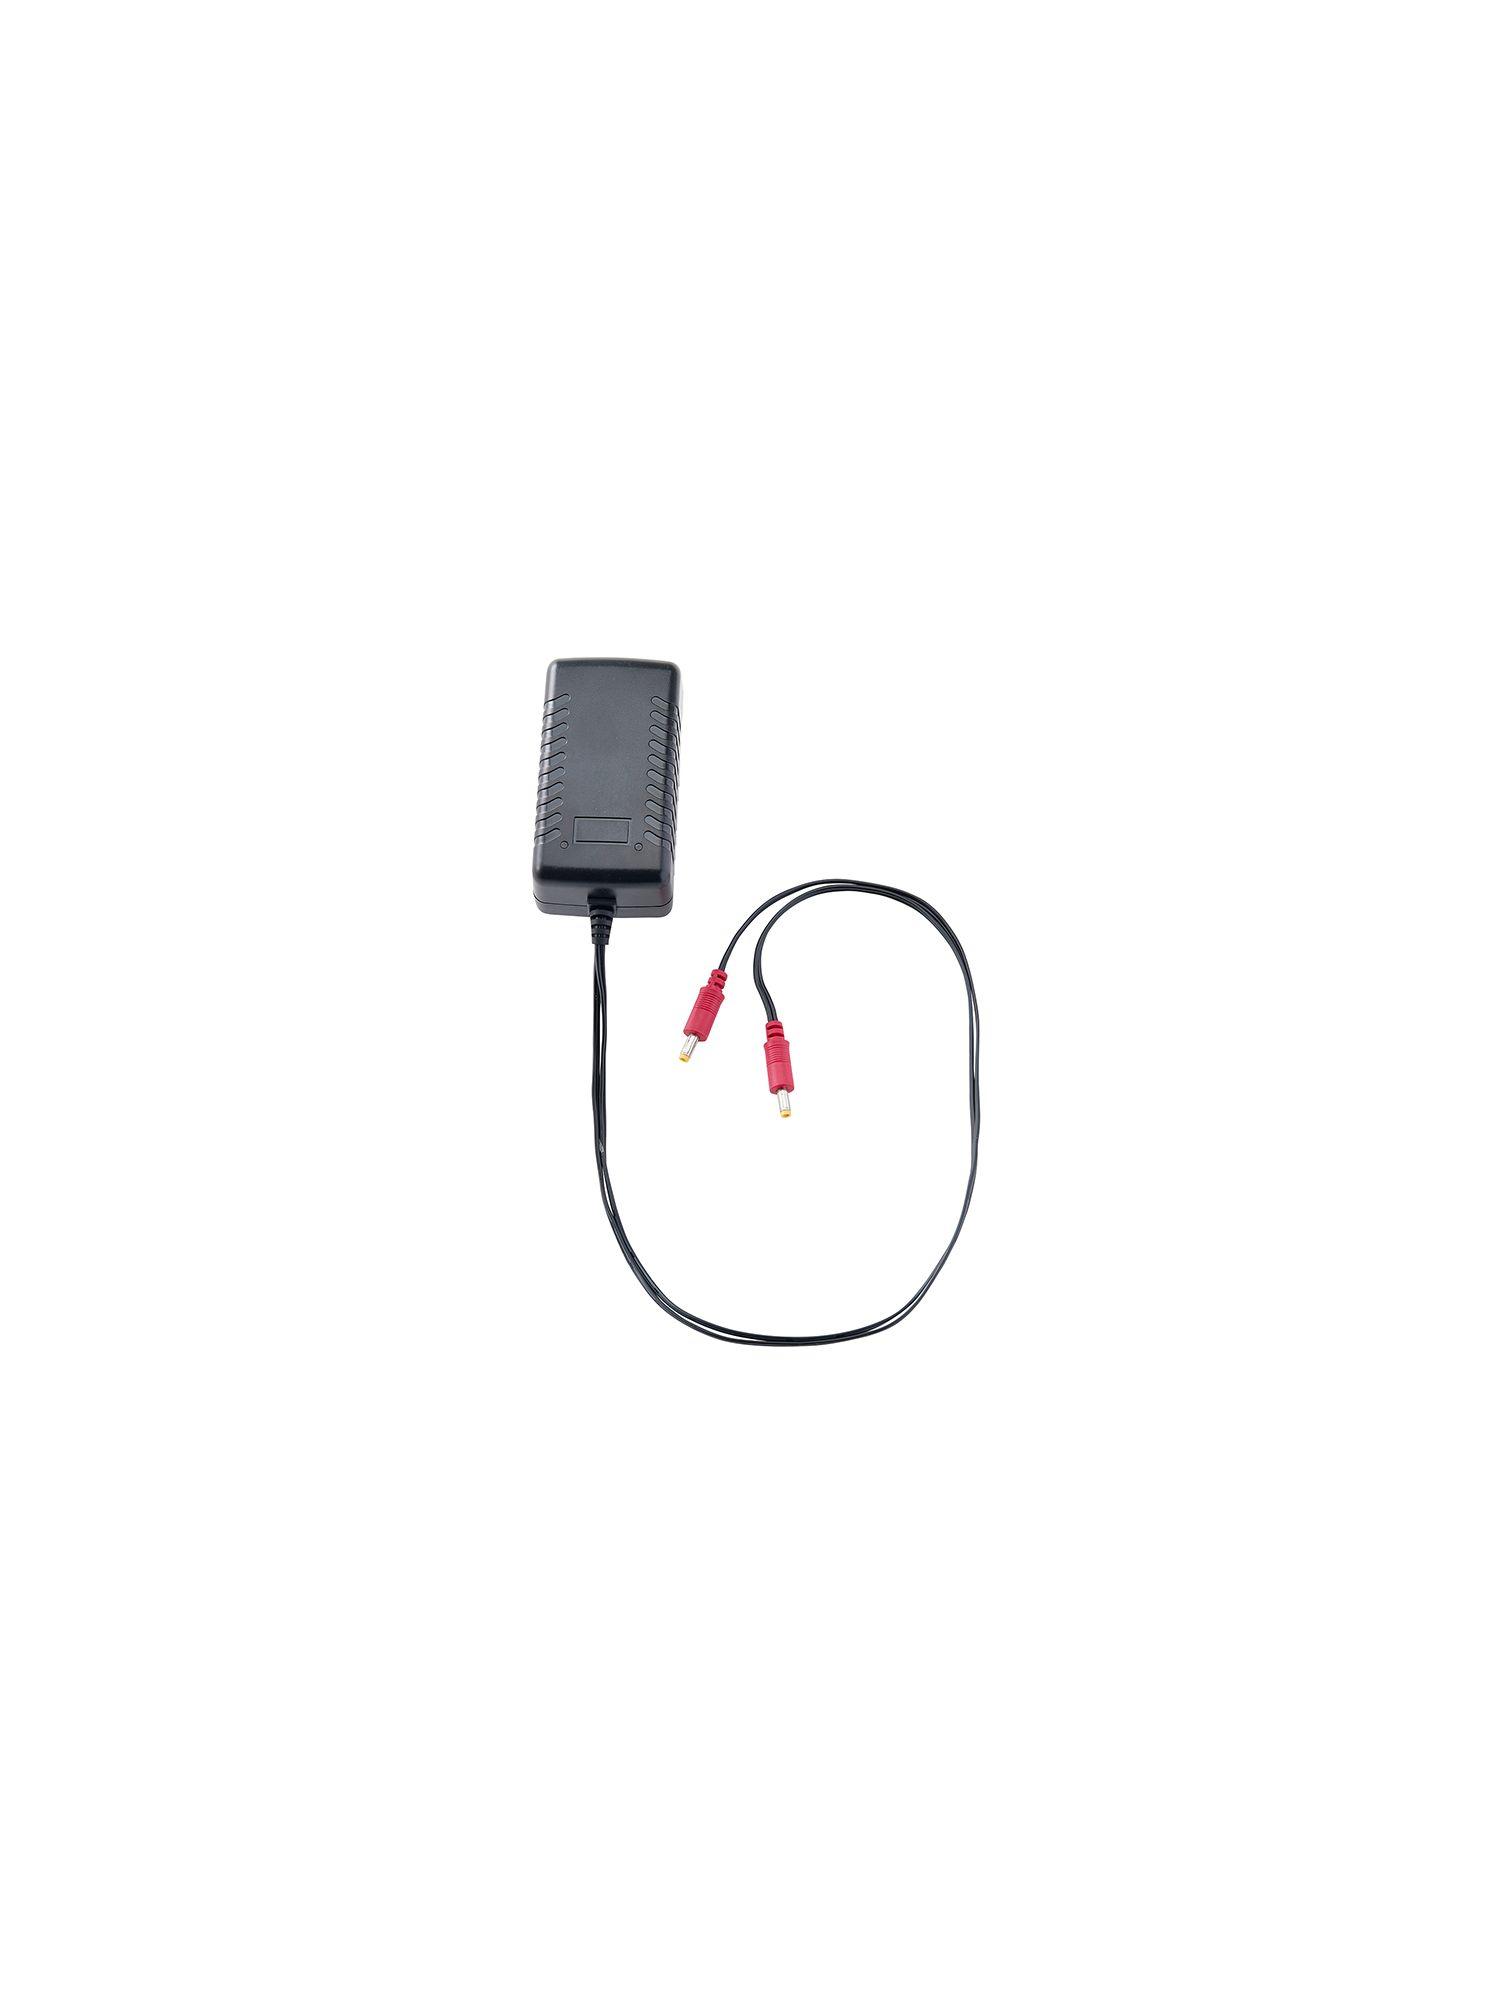 e-HEAT 7.2V専用充電器